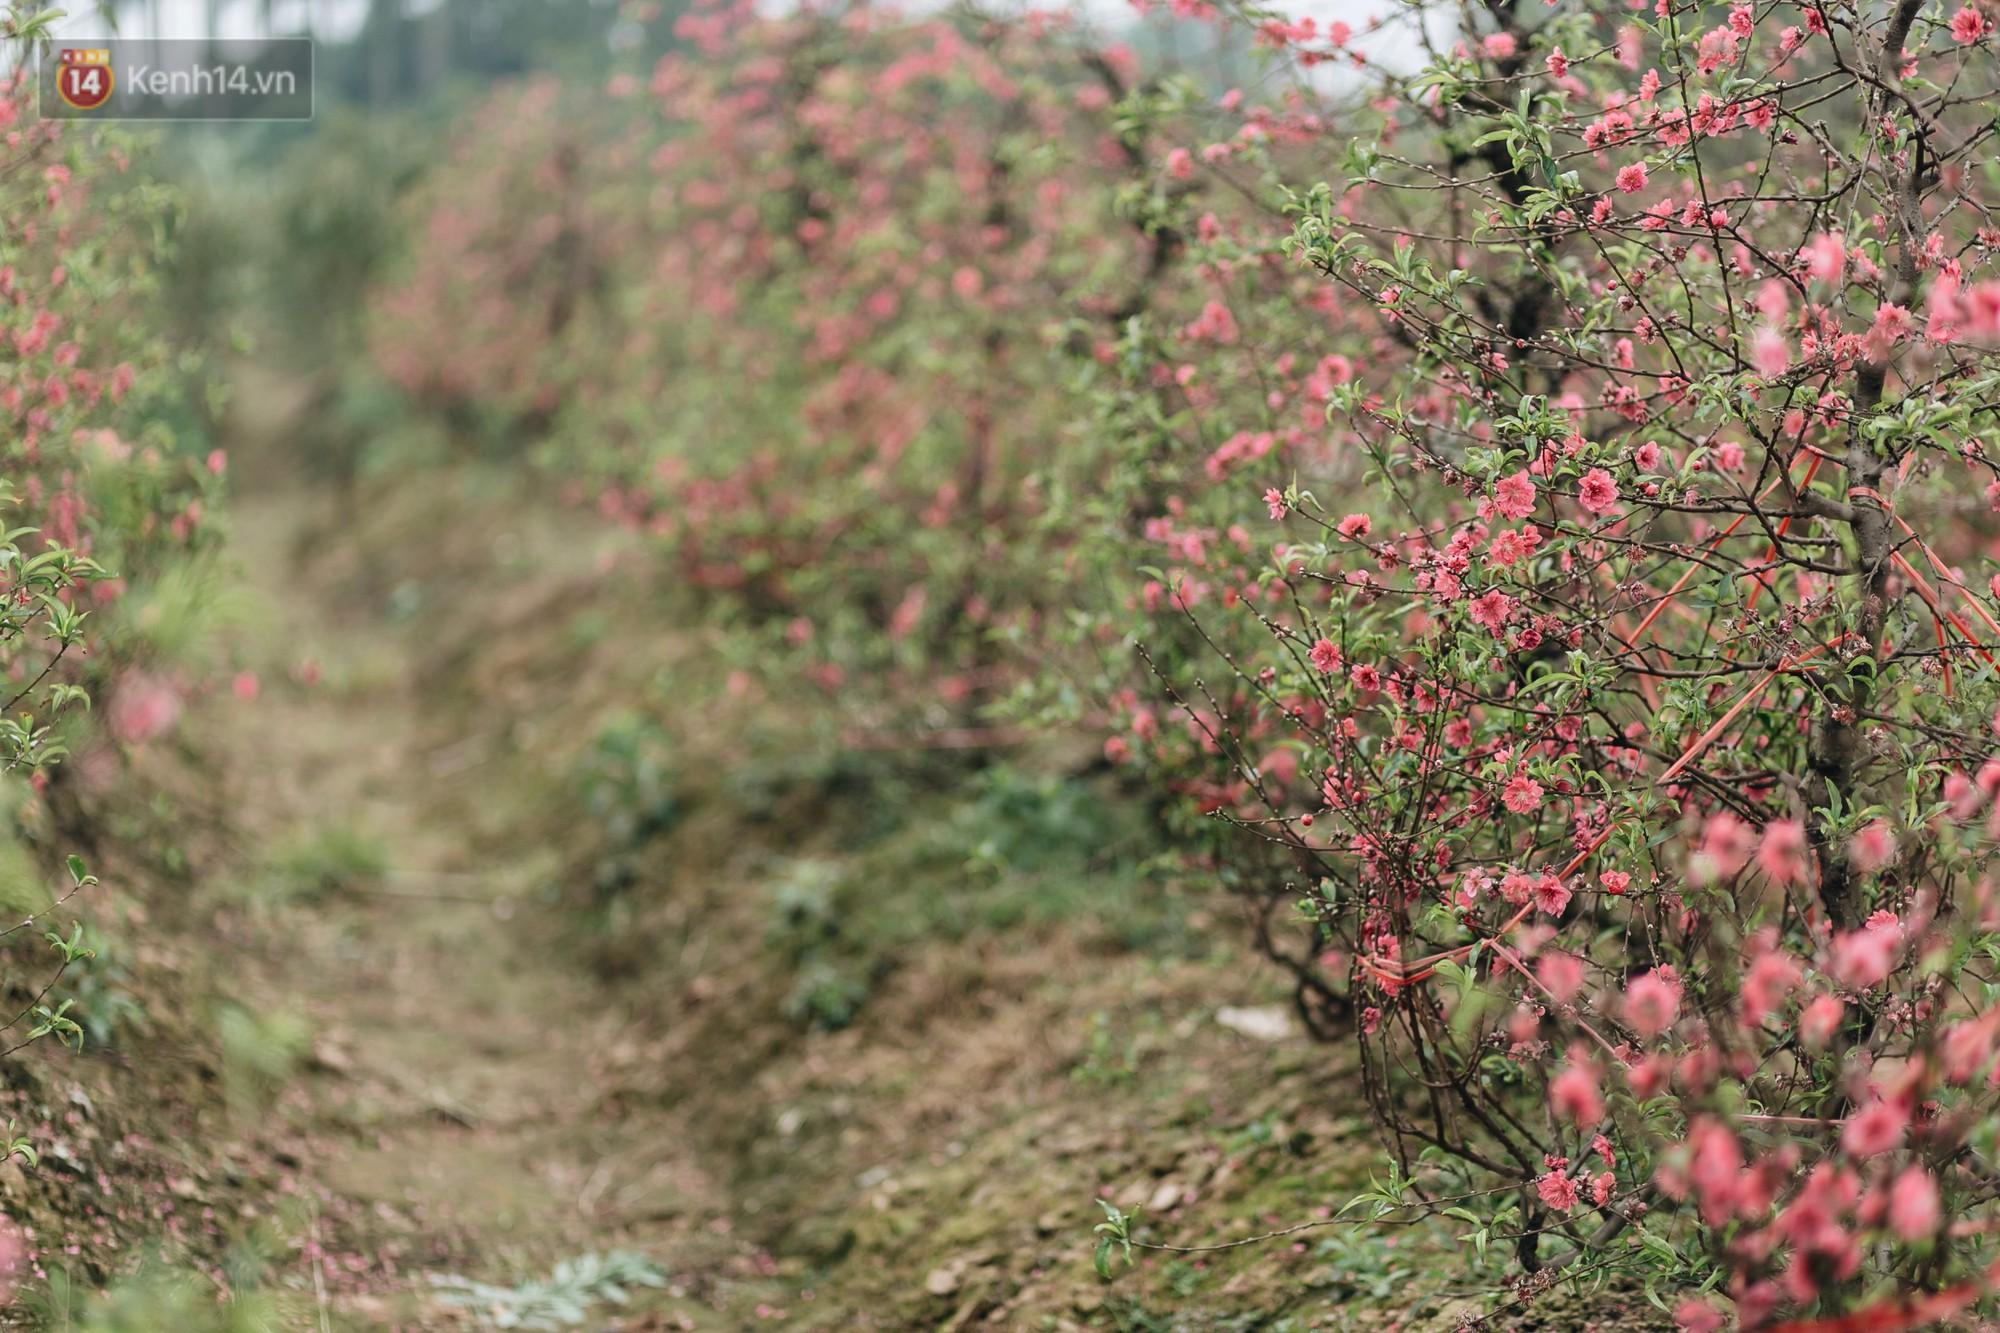 Gần 200 gốc đào của người dân Bắc Ninh bị chặt phá trong đêm: Tết năm nay còn chả có bánh chưng mà ăn-2